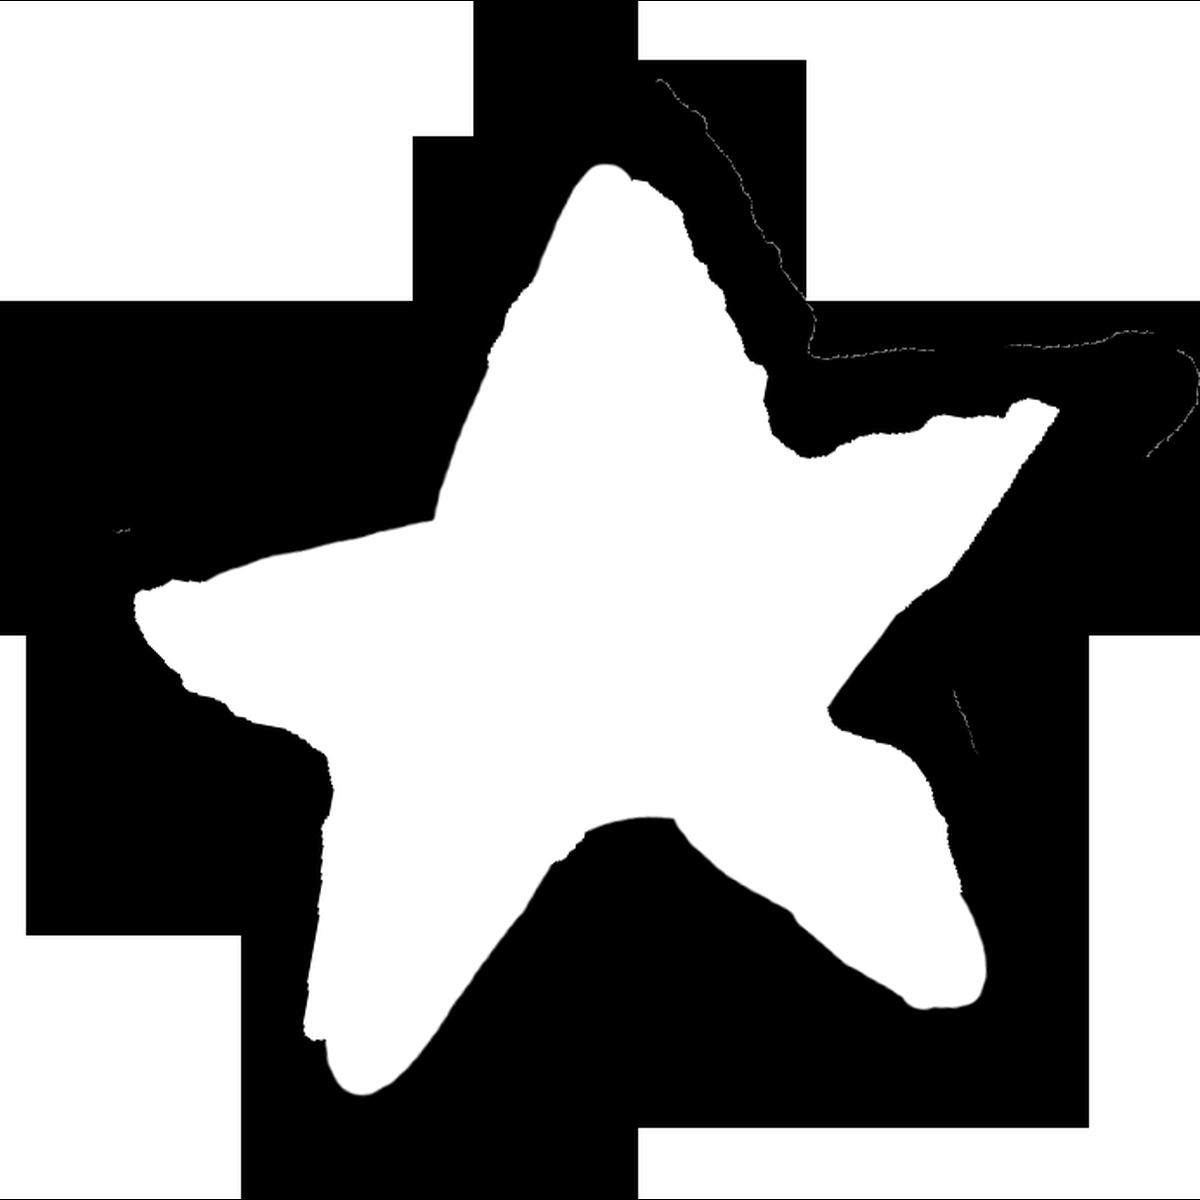 星印(白)3のイラスト Star mark Illust